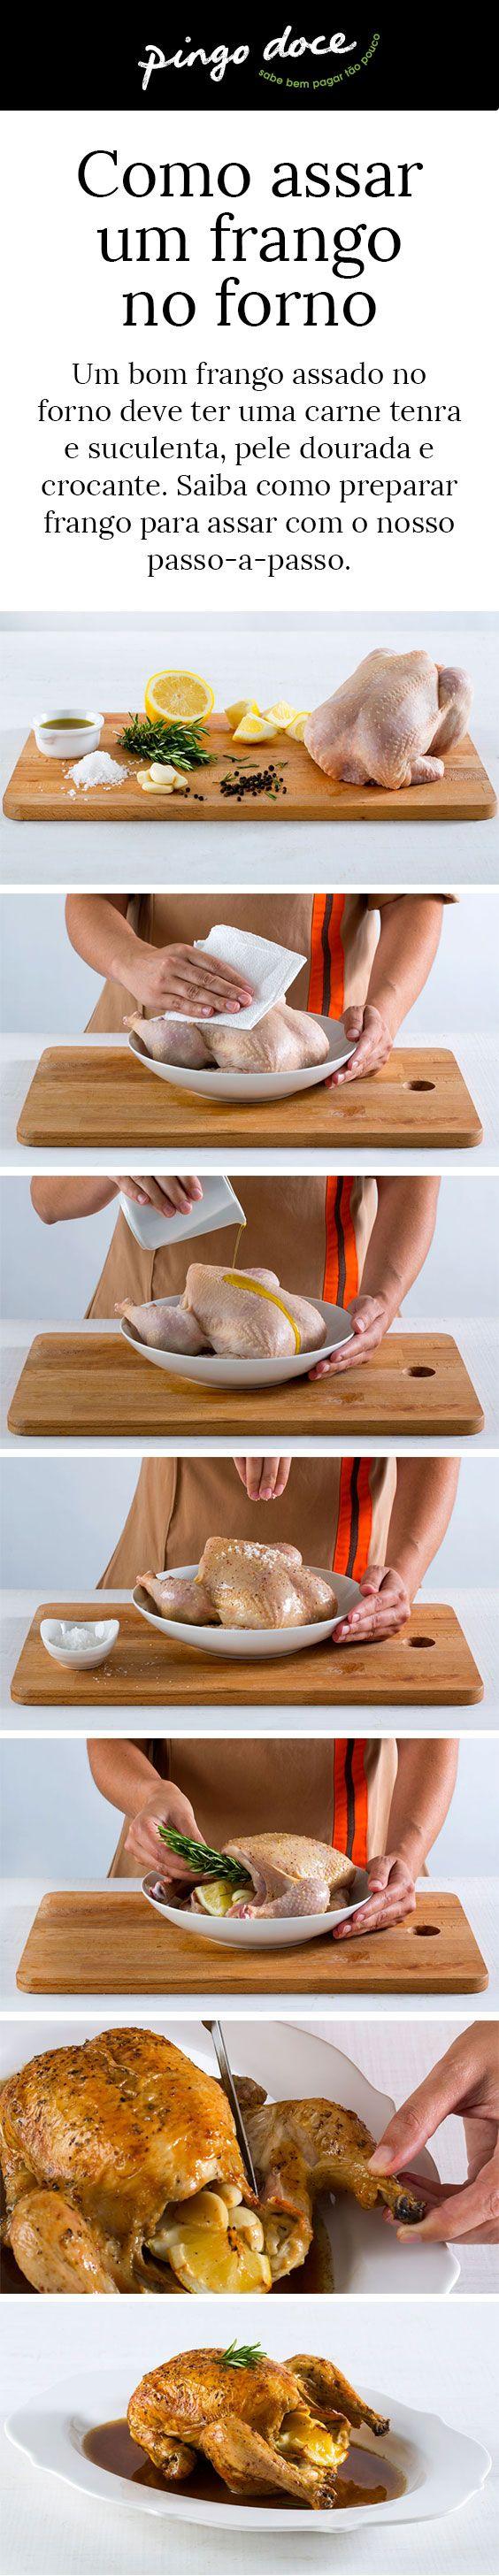 Veja o nosso passo-a-passo e saiba como assar um frango no forno da melhor forma.